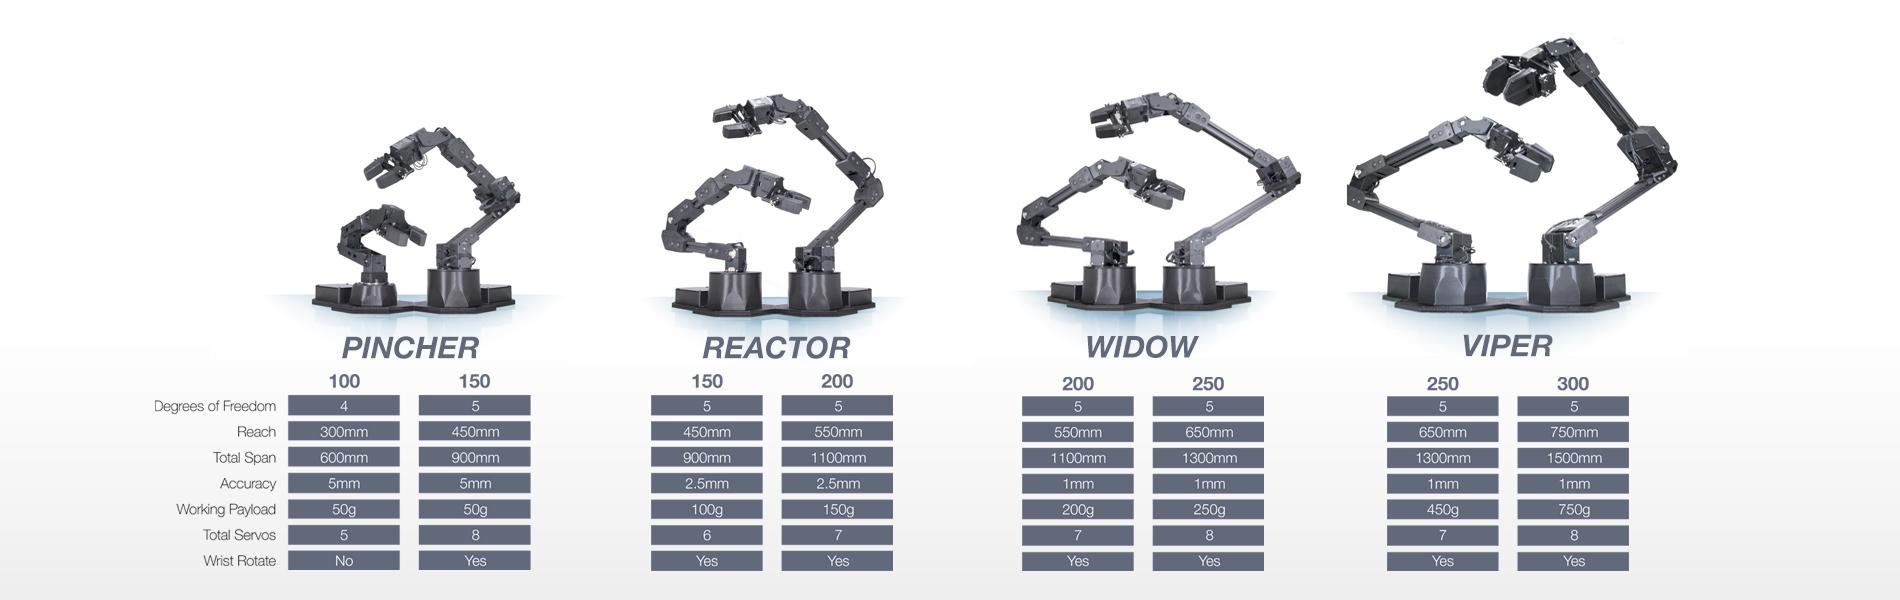 Tableau de comparaison des bras robotique interbotix trossen